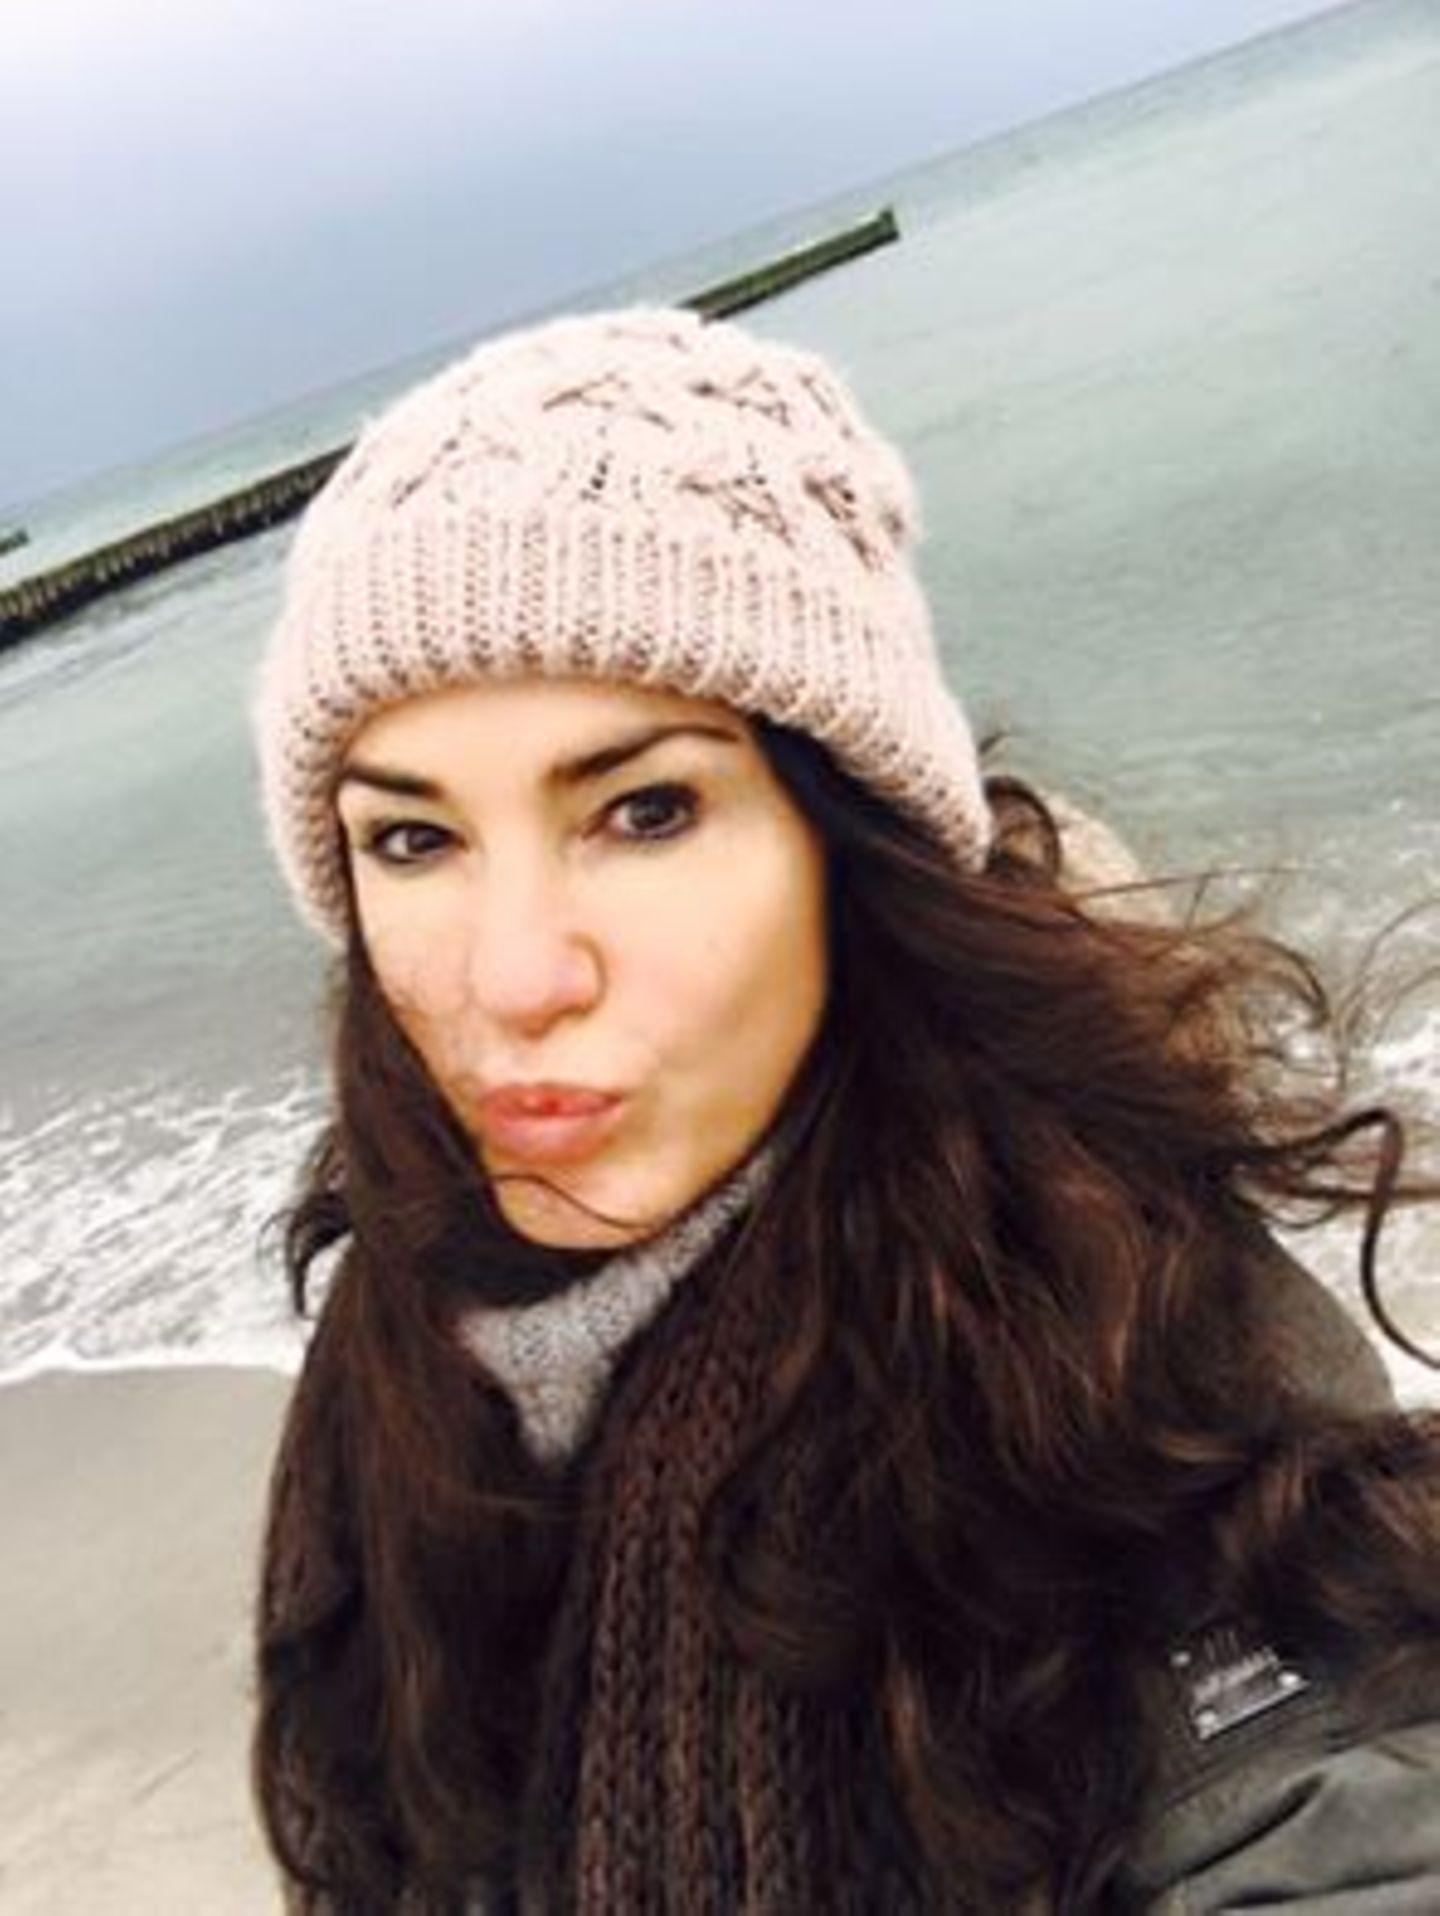 Mariella Ahrens lässt sich an der Ostseee den Wind um die Nase wehen. Sie verbringt Ostern in Ahrenshoop.